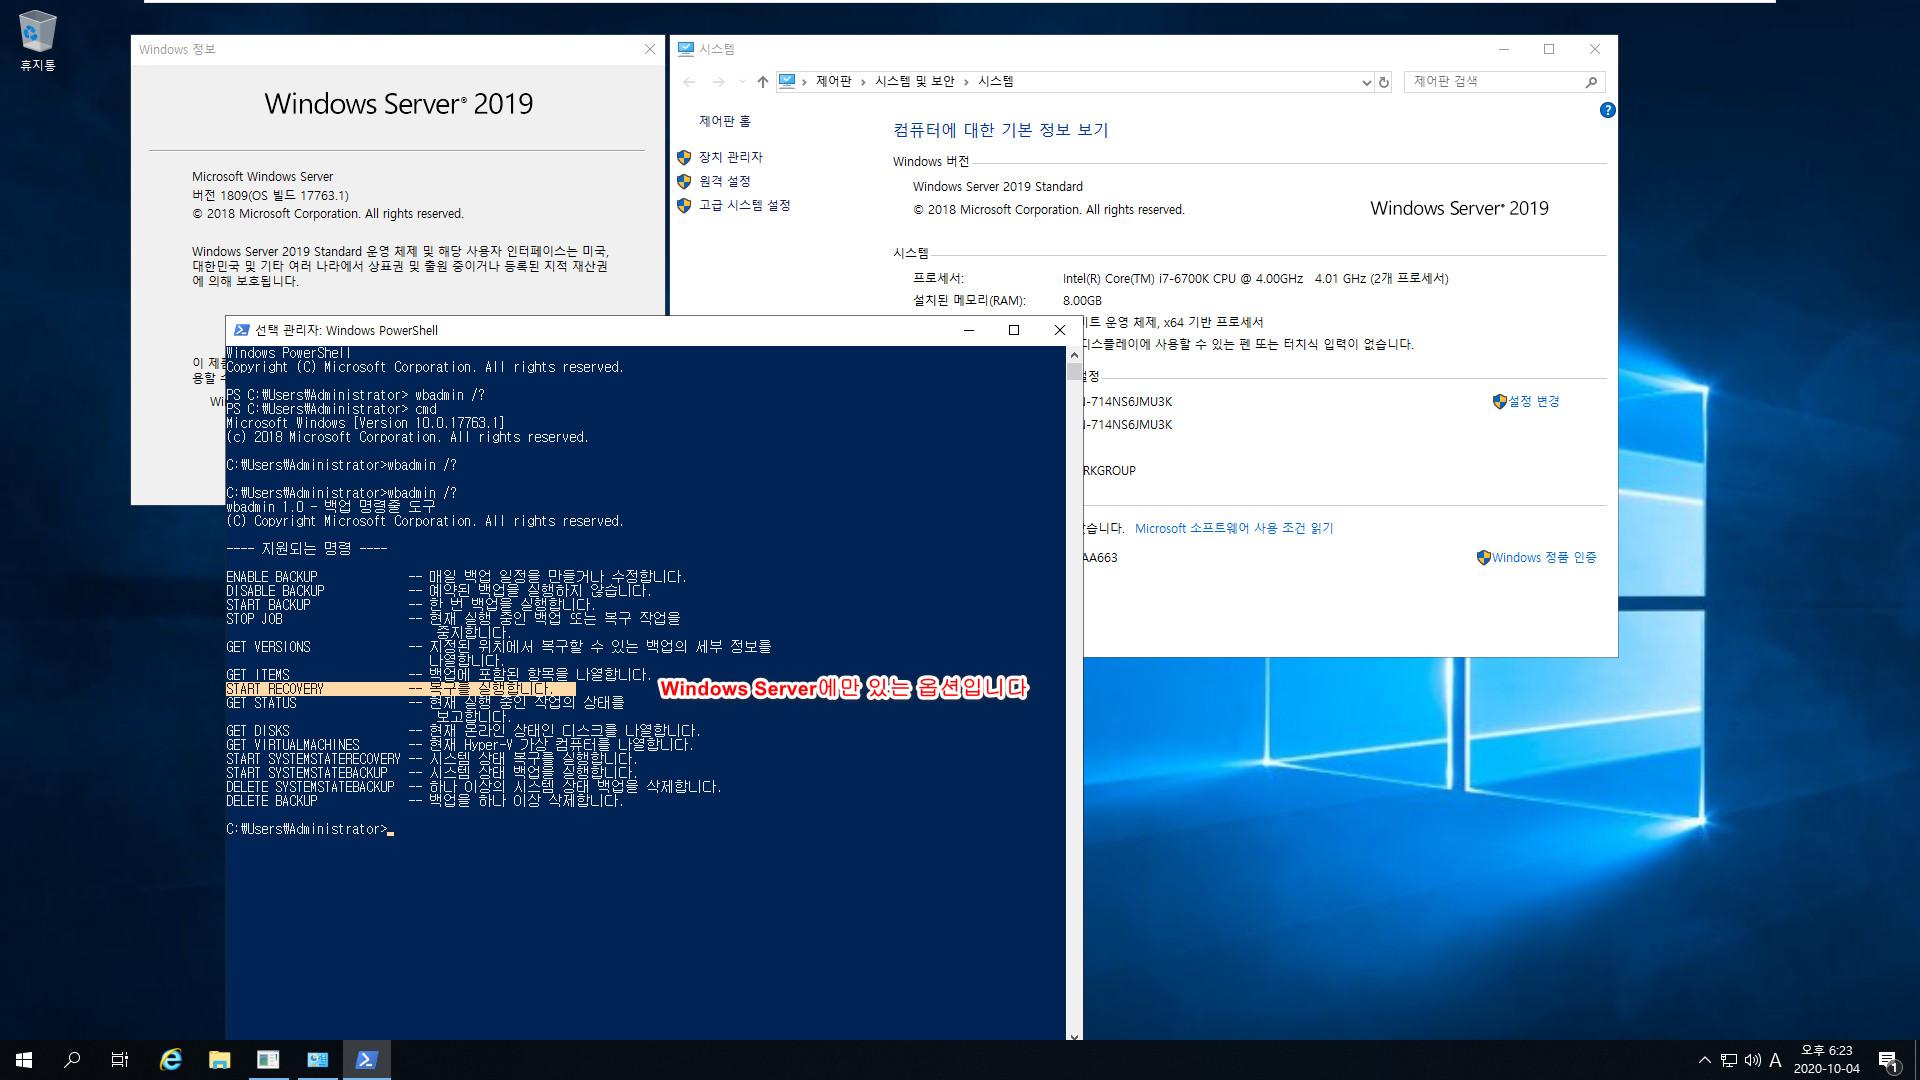 윈도우 서버군은 윈도우 사용중에도 자체 WBadmin 명령으로 윈도우 복구를 합니다 - Windows Server 2019로 복구 테스트 2020-10-04_182320.jpg